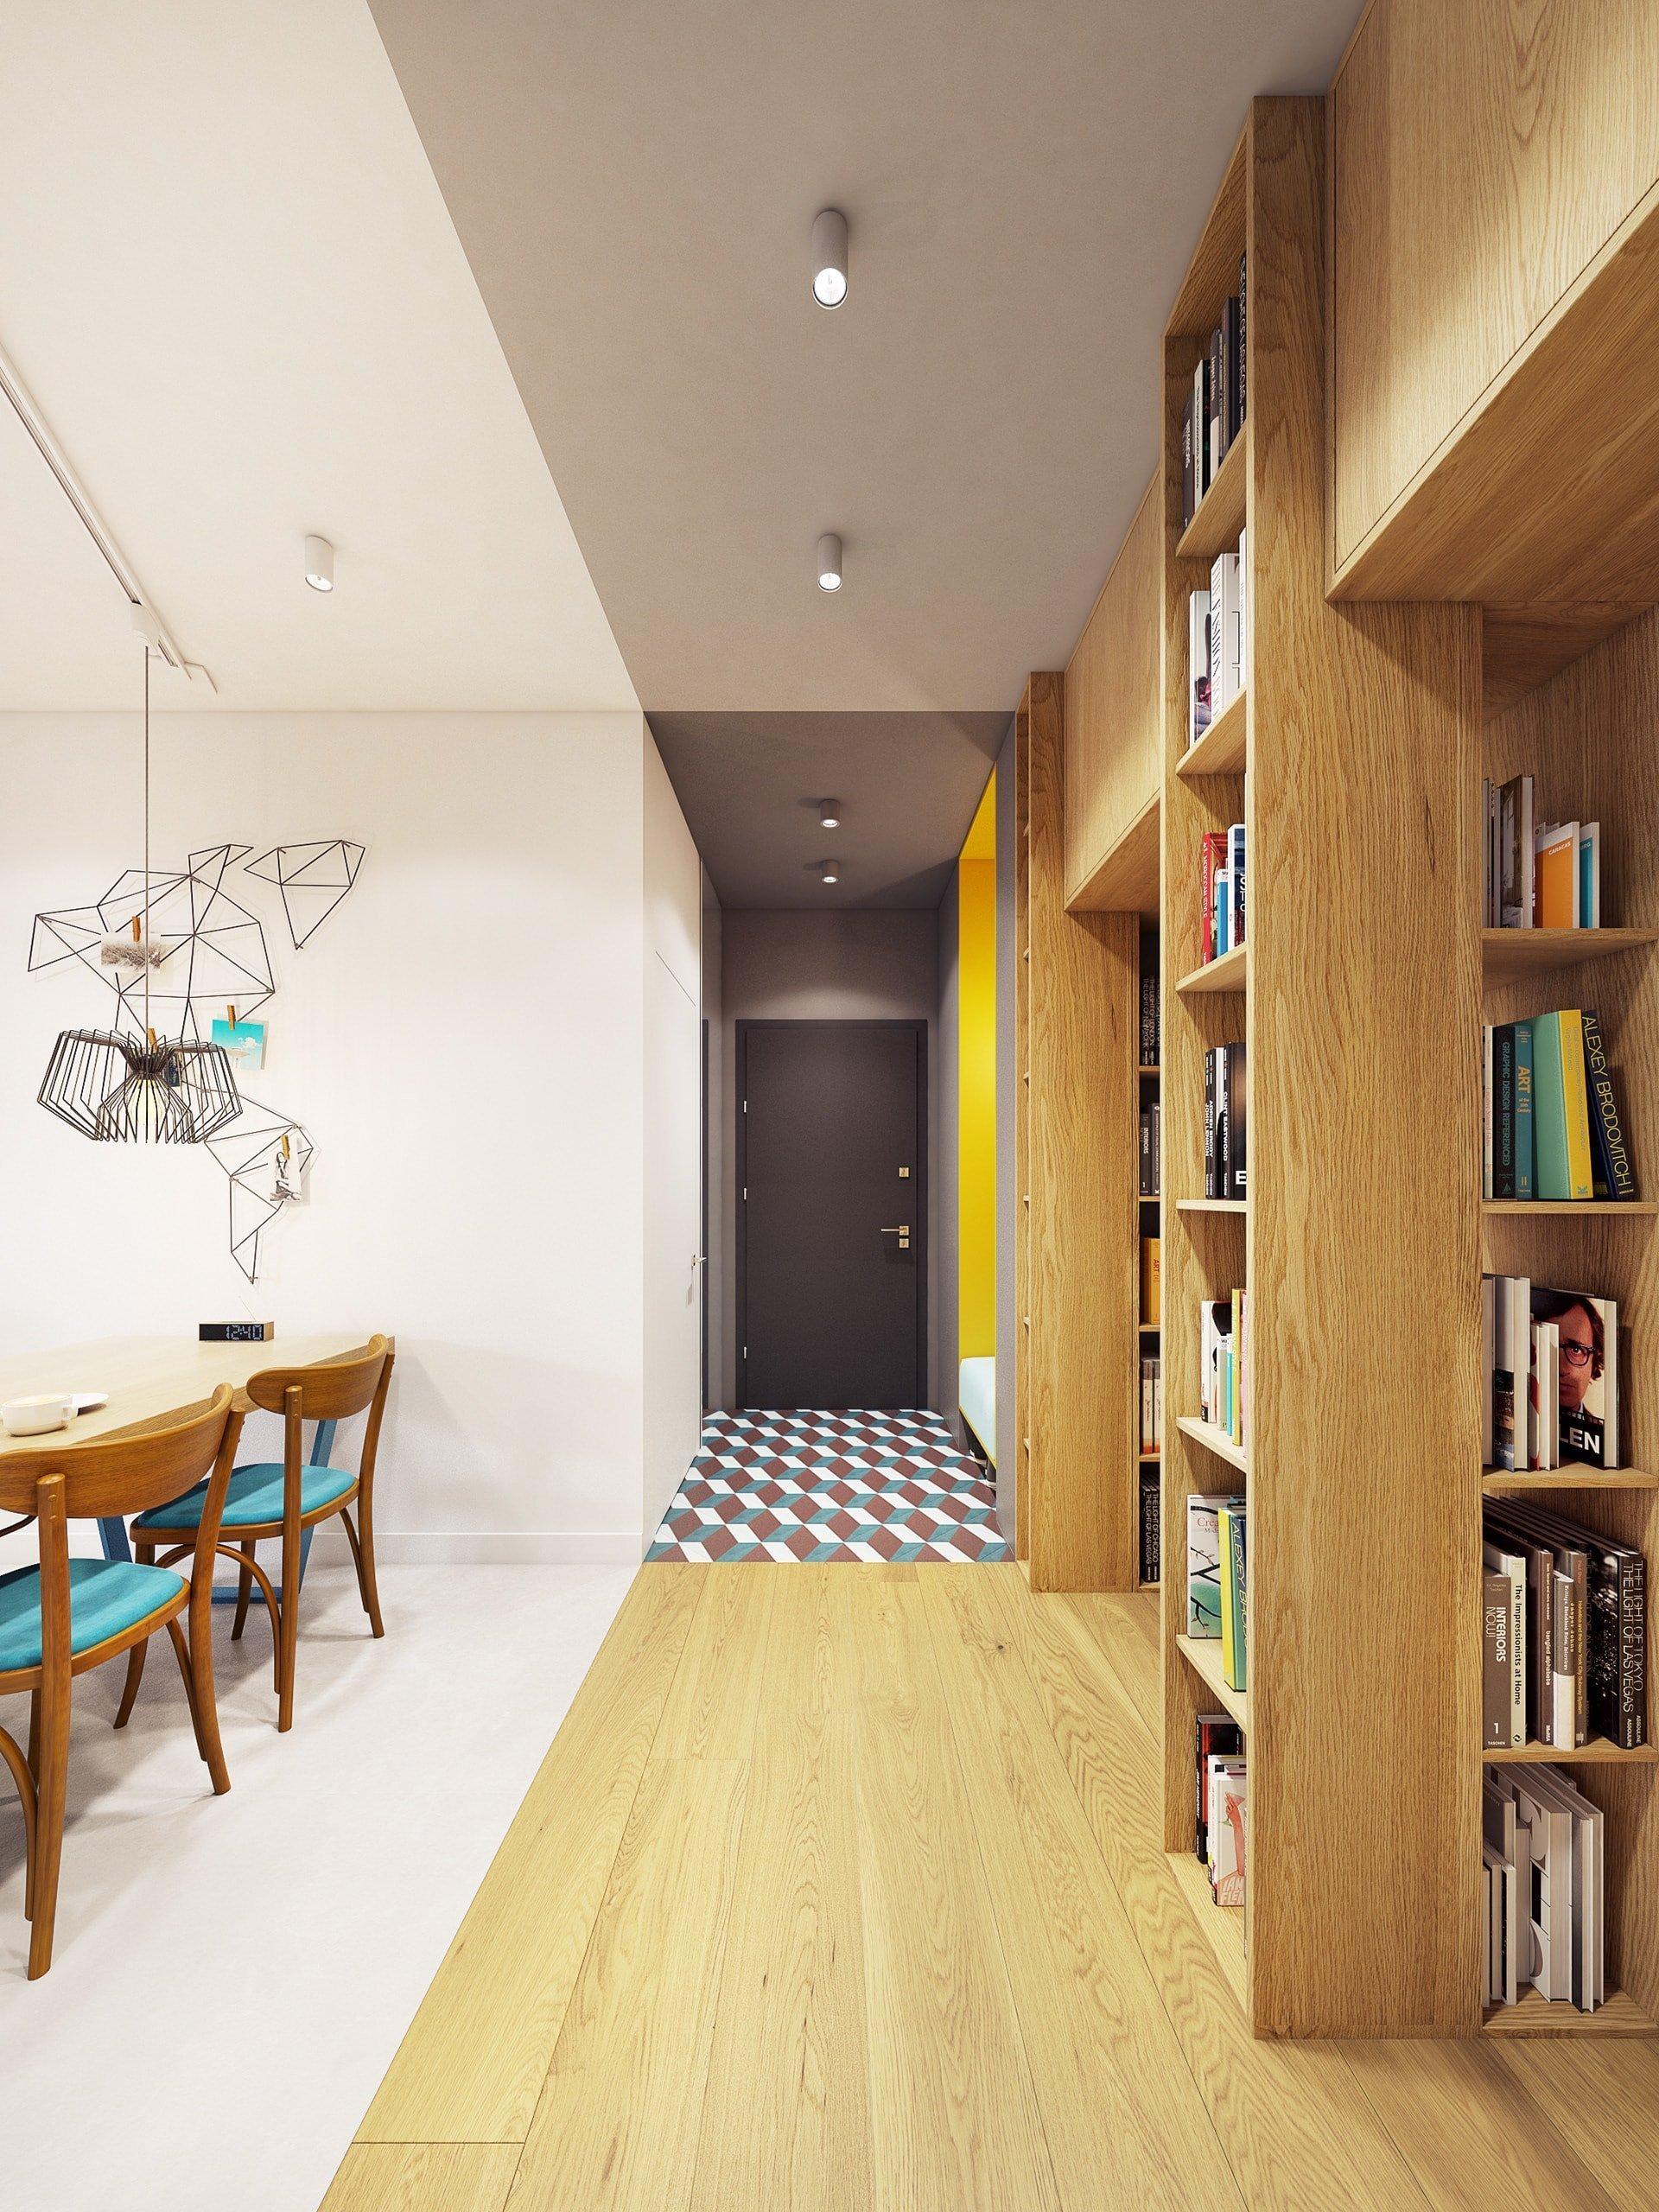 Funky moderní interiér s přírodními akcenty